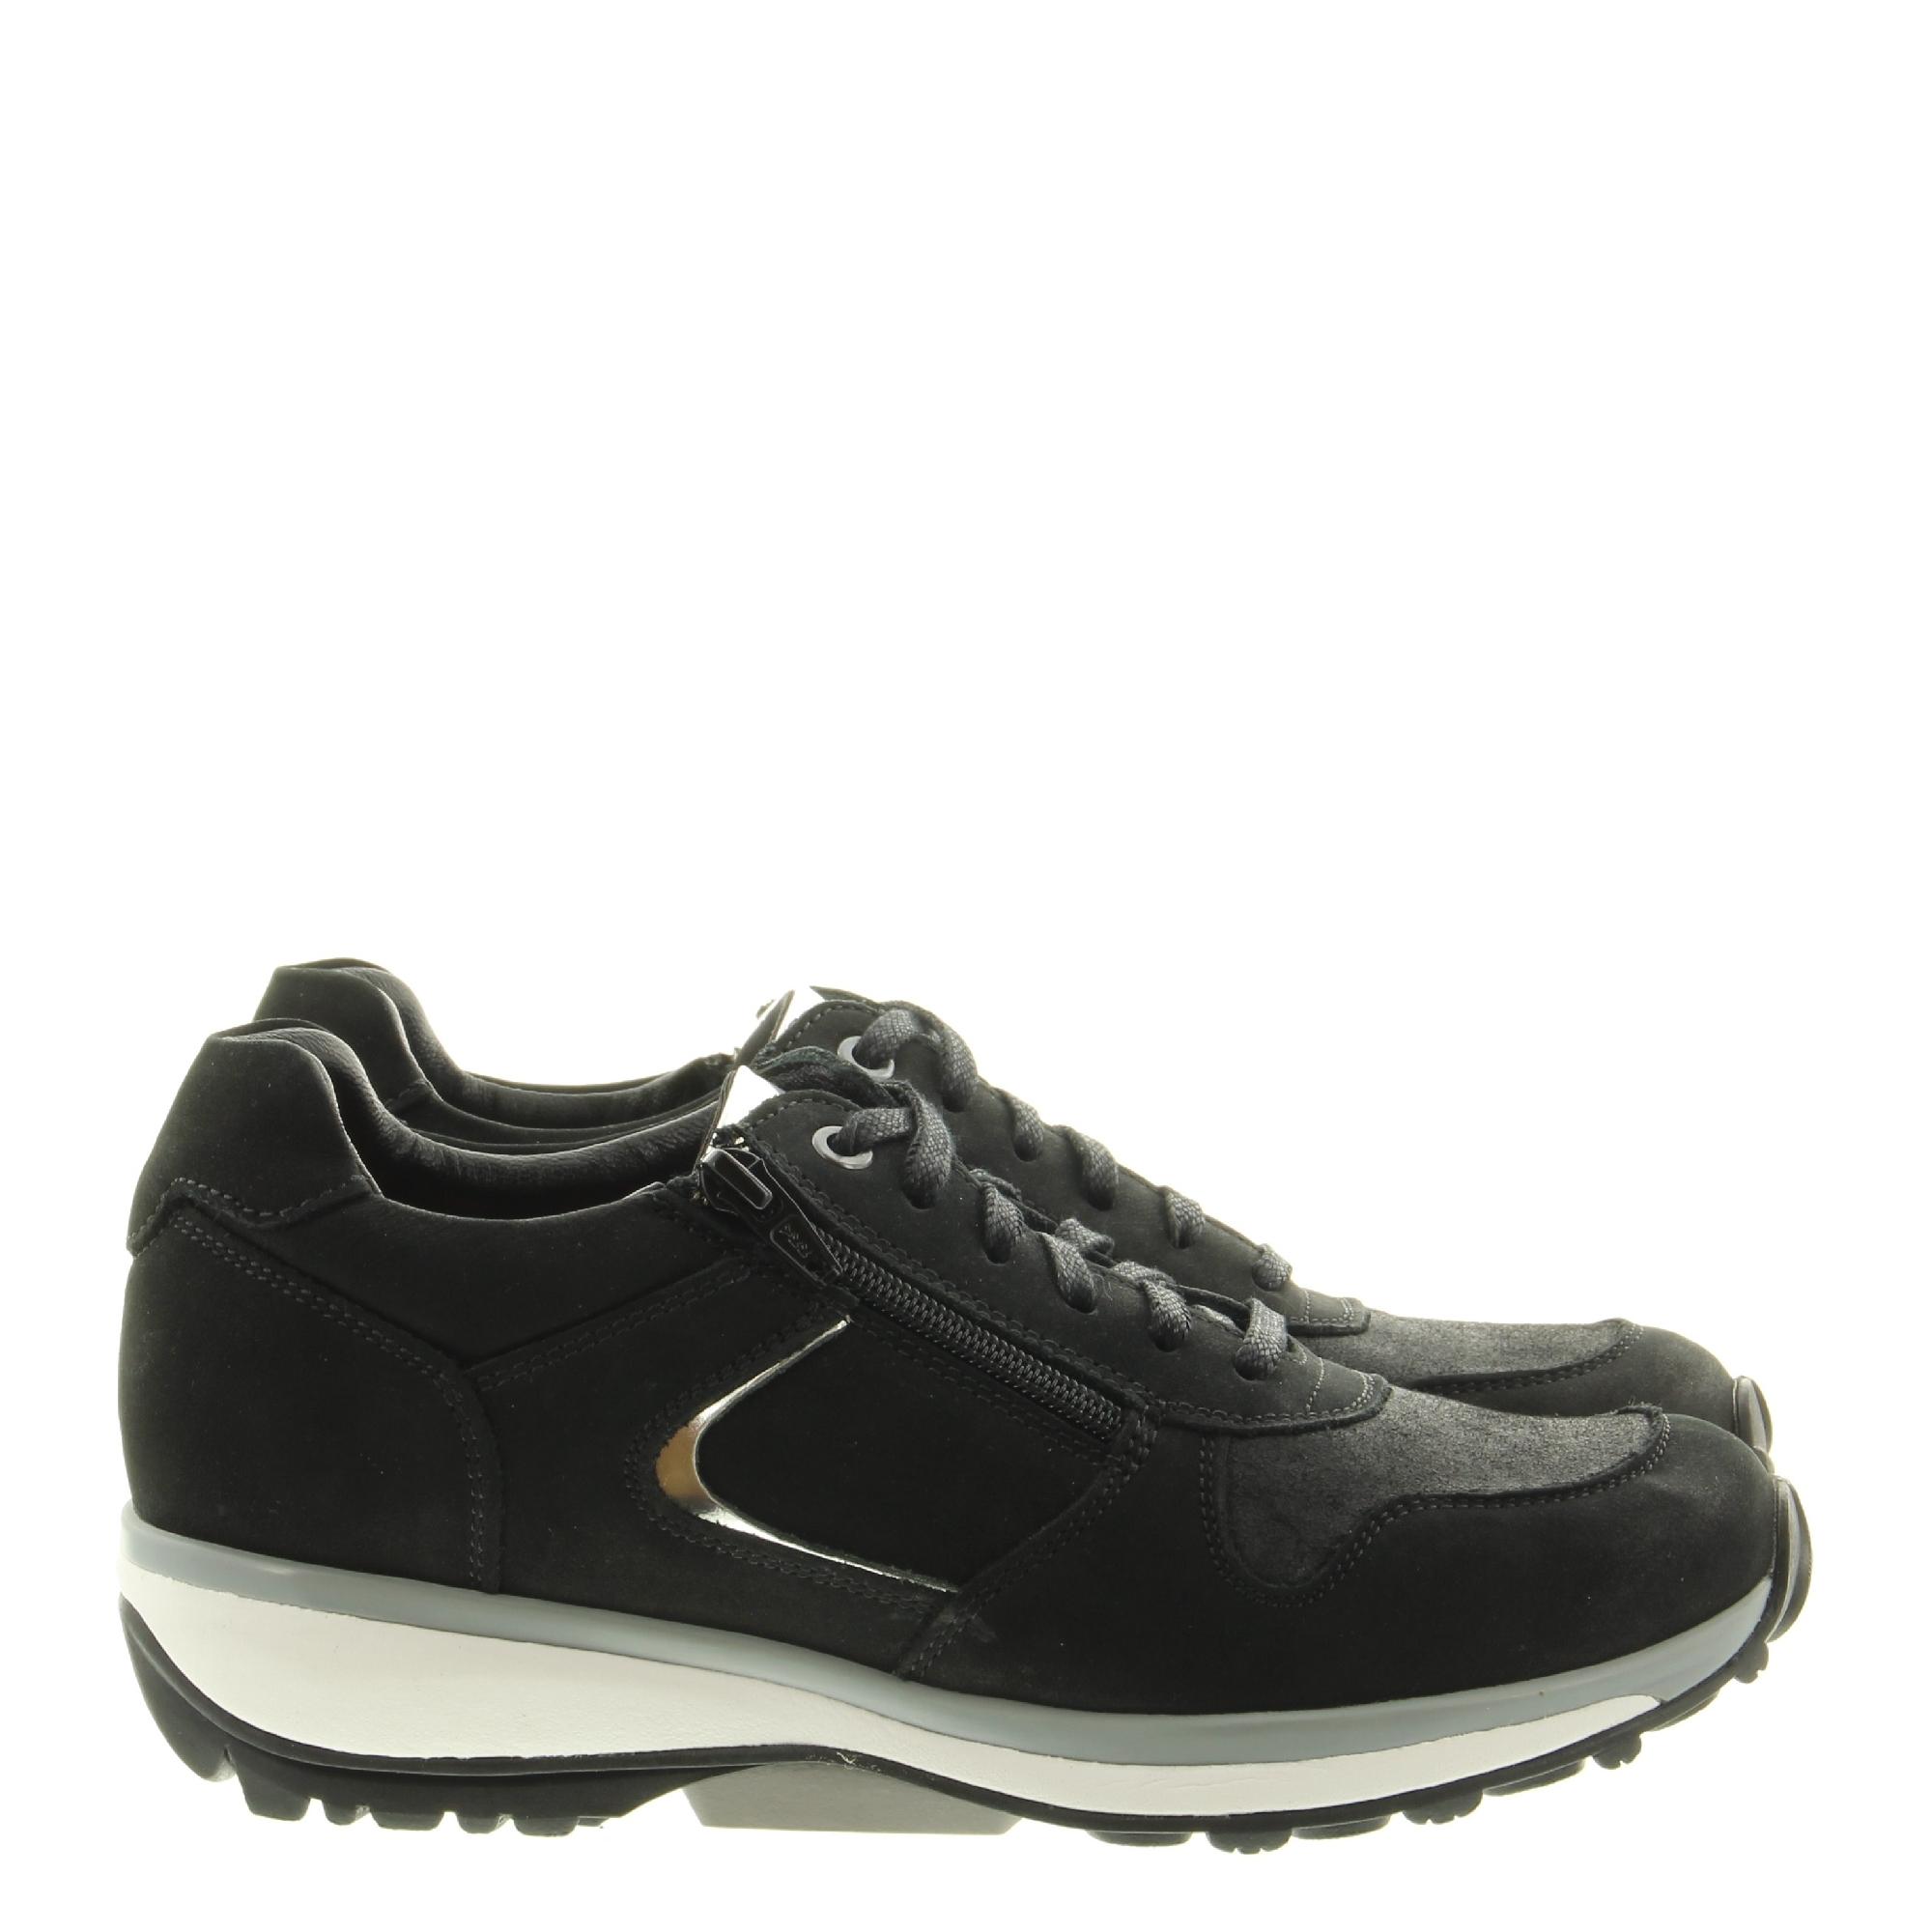 Xsensible 30042.2.001 Jersey Black